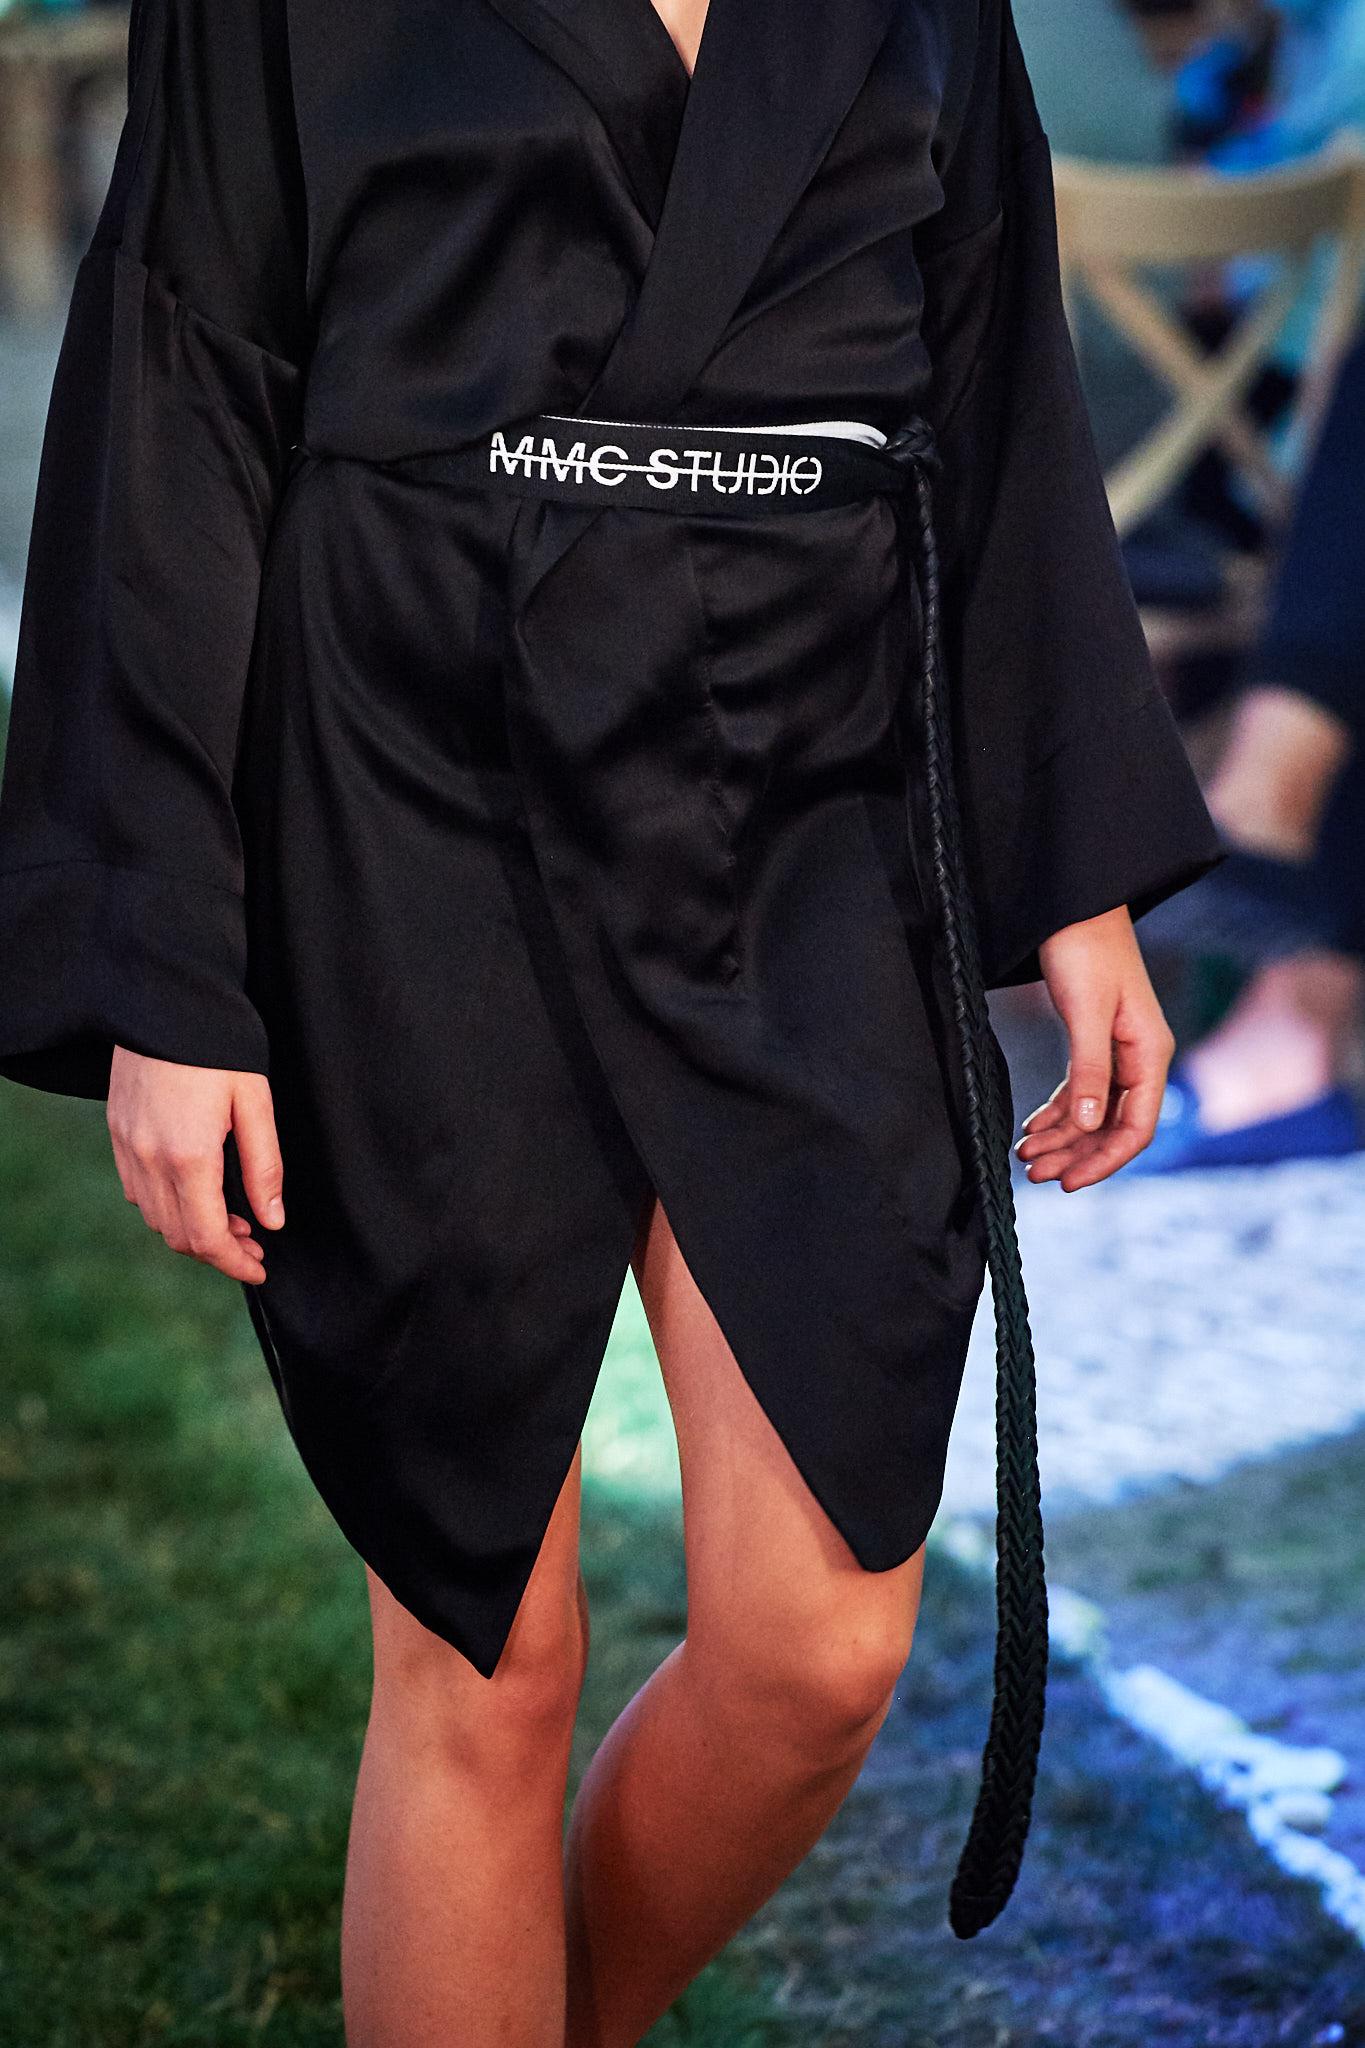 13_MMC-010719-lowres-fotFilipOkopny-FashionImages.jpg